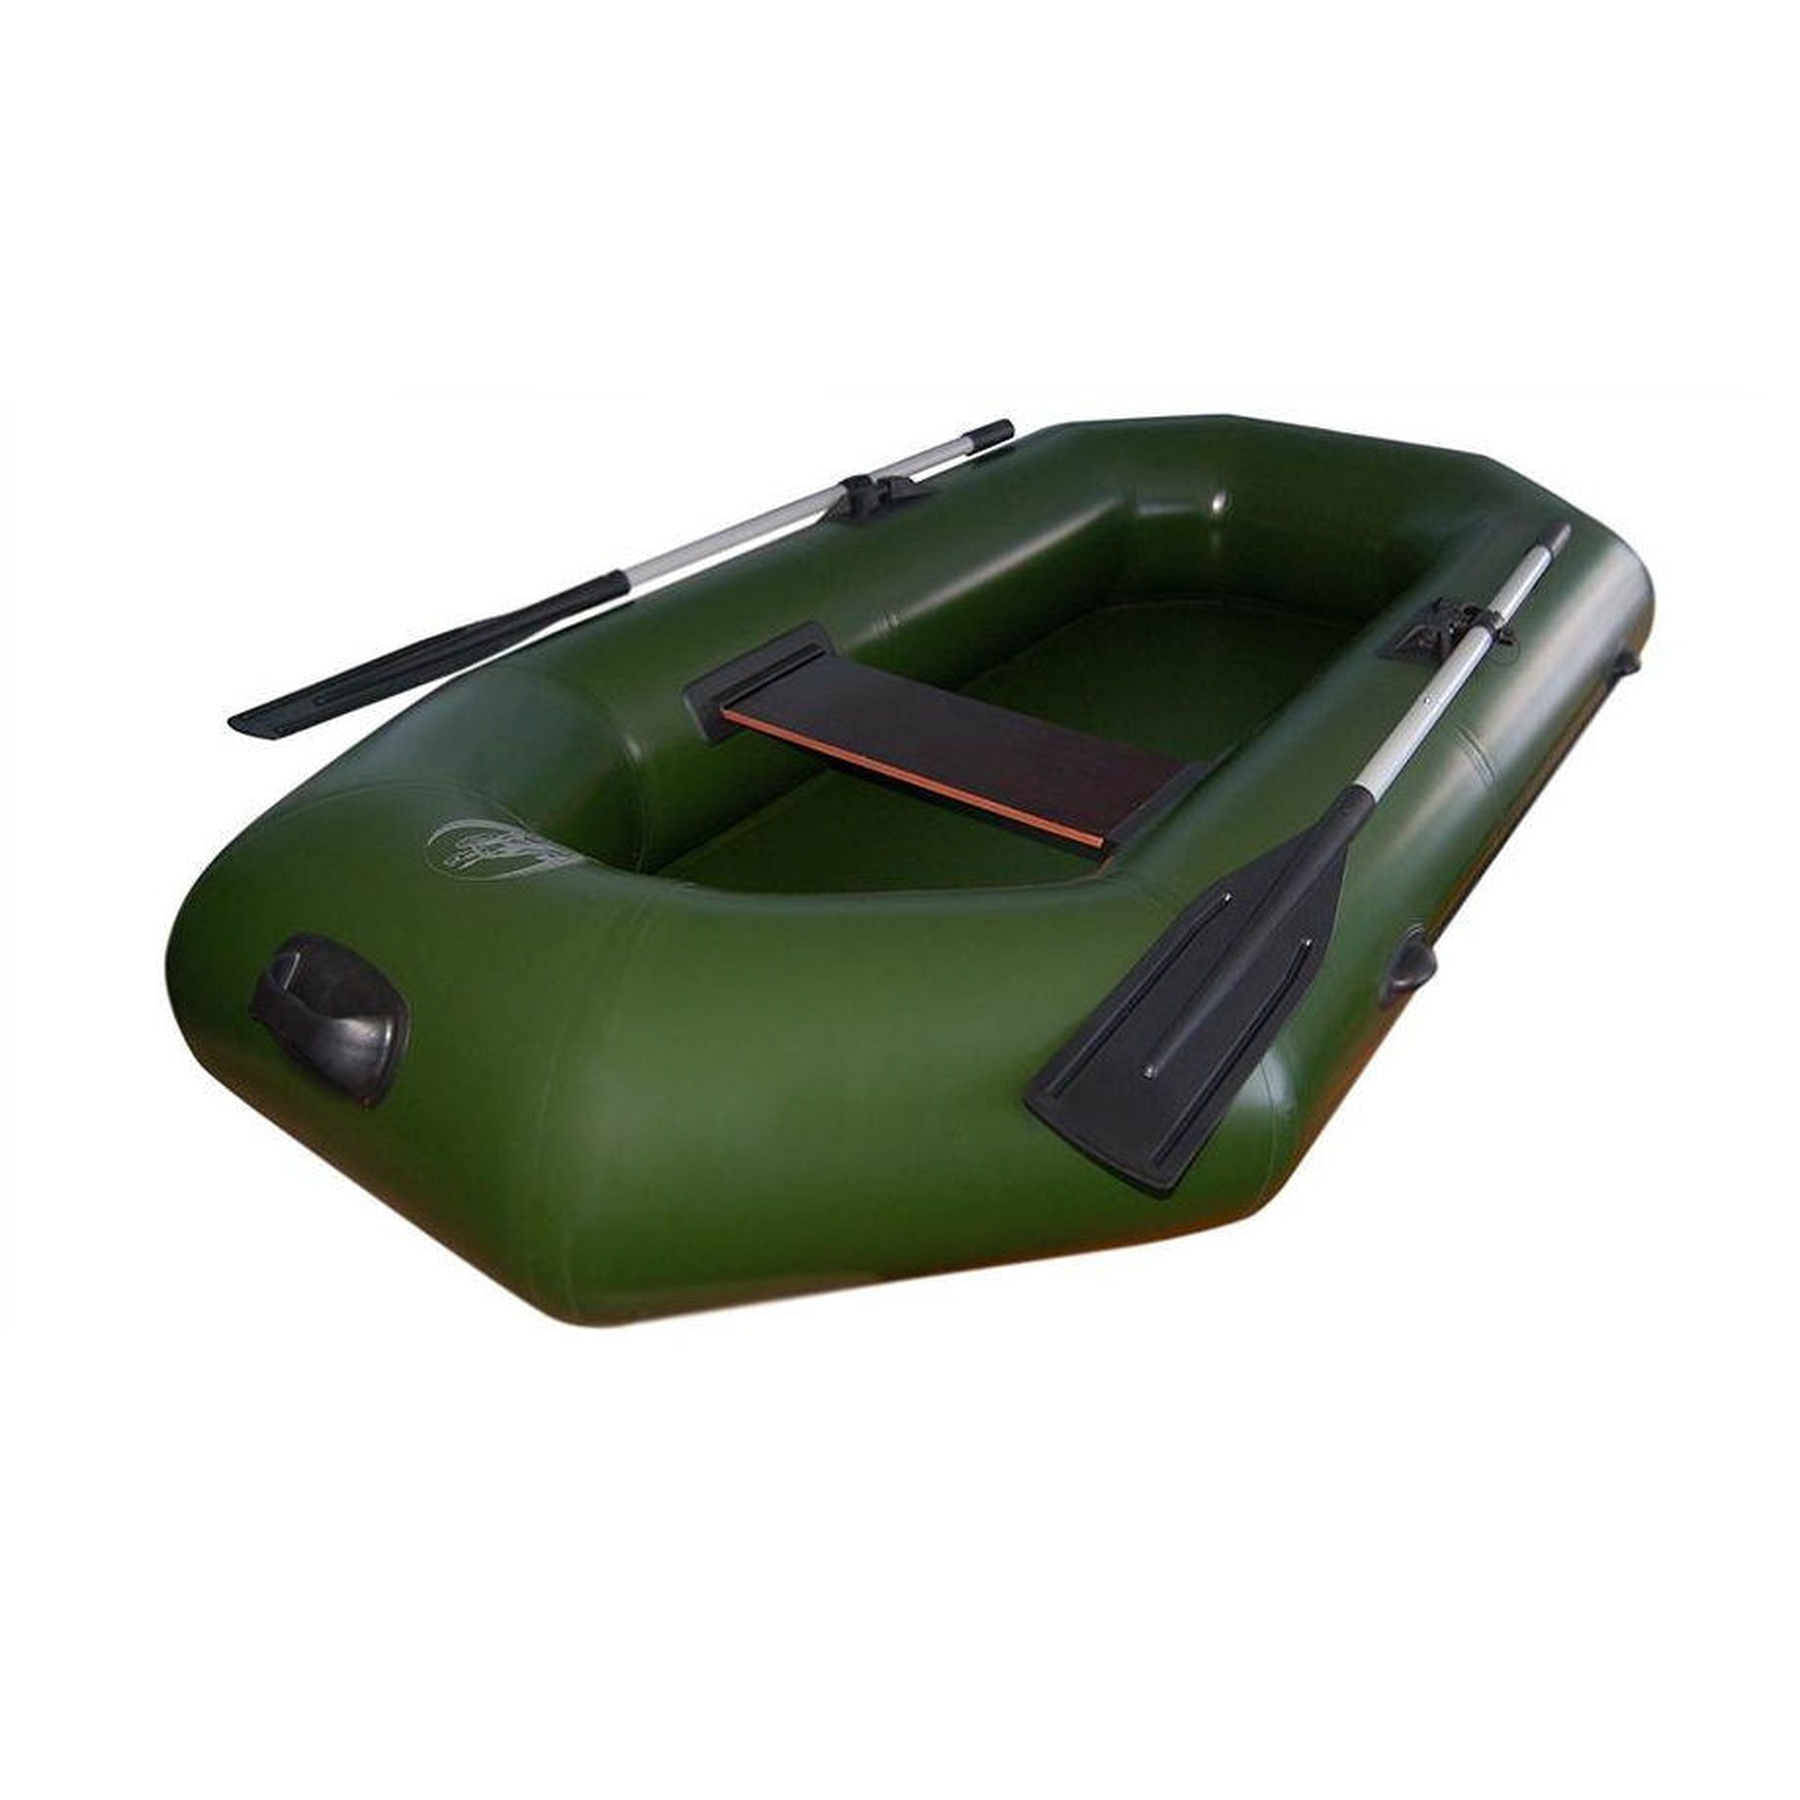 Лодка Олимп - 230 / 235  (230*122см, гр.под.170 кг,2отс.,12 кг,ж.сид.,весла)